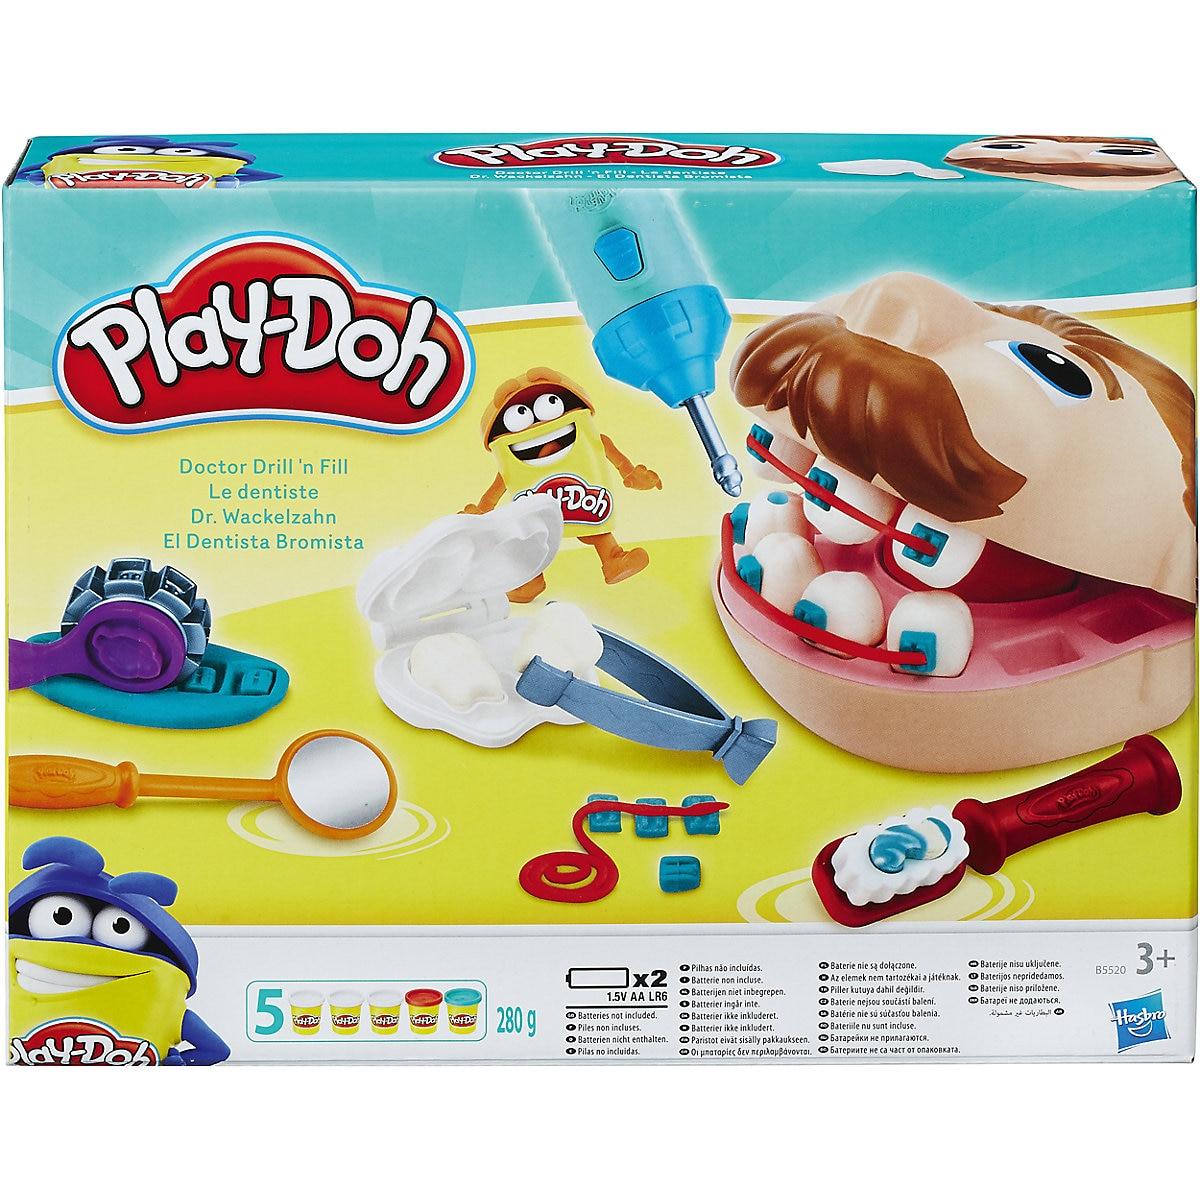 Pâte à modeler Slime HASBRO 4678449 enfants ensemble créatif jouet jouets jeu jeux enfants bébé garçons papeterie Lizun play-doh MTpromo